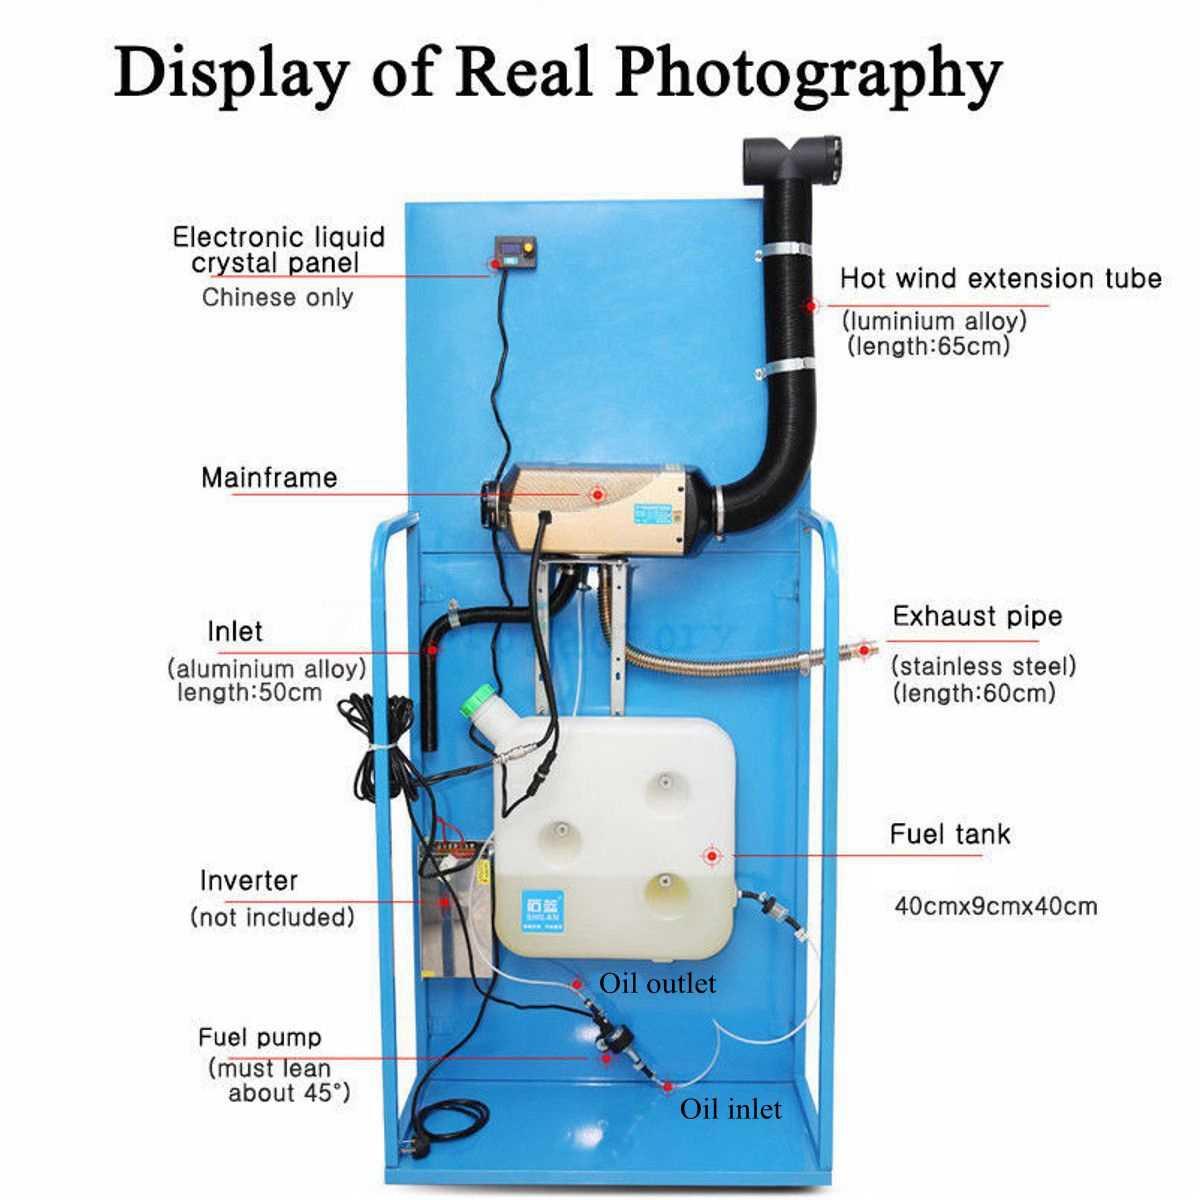 Réchauffeur de voiture 5KW 12V Air Diesels chauffage chauffage de stationnement avec télécommande moniteur LCD pour RV, camping-Car remorque, camions, bateaux